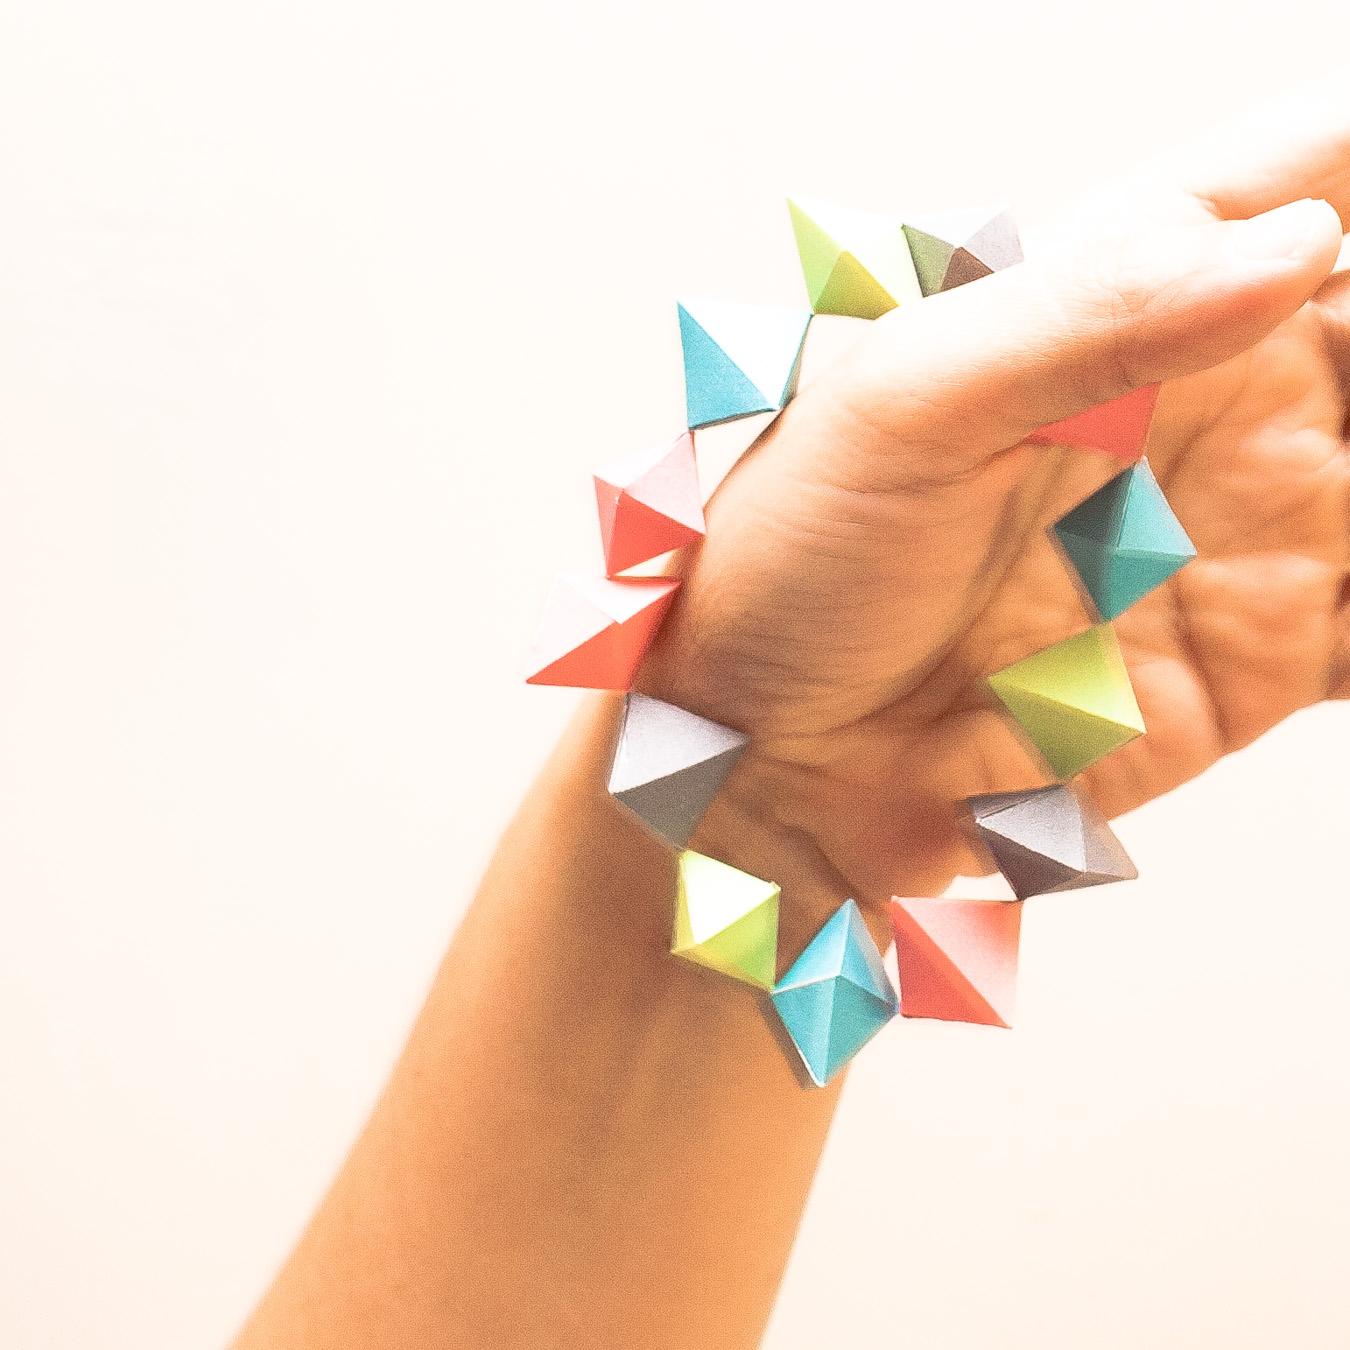 วิธีทำของเล่นโมเดลกระดาษทรงเรขาคณิต 009